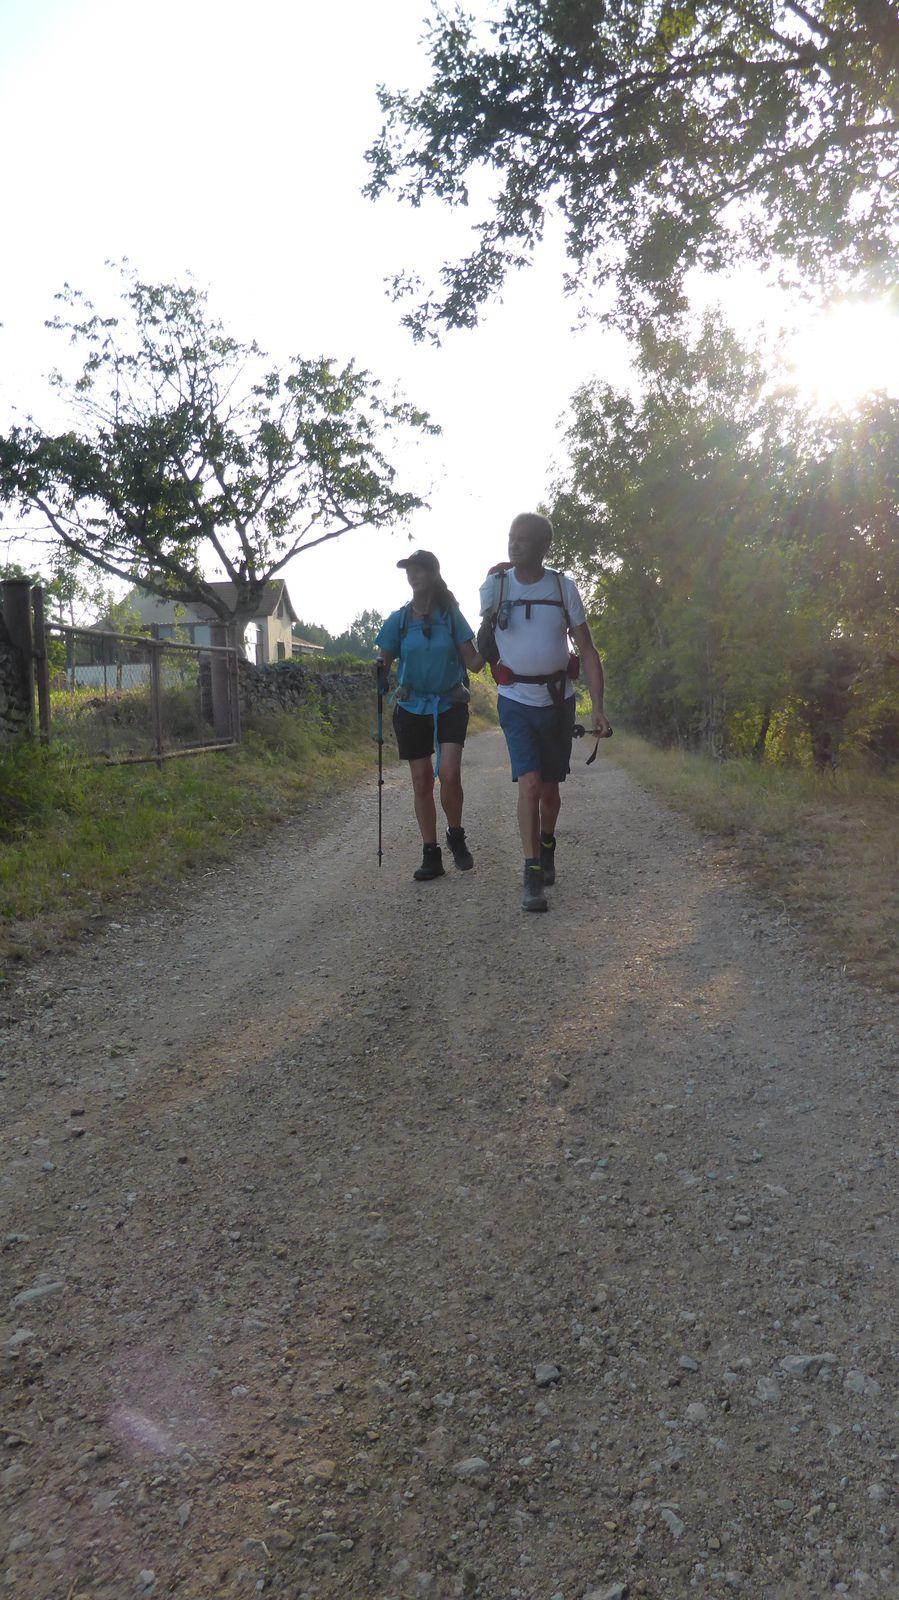 Nous rencontrons peu de marcheurs durant les premières heures, et profitons allégrement du chemin qui s'offre à nous.